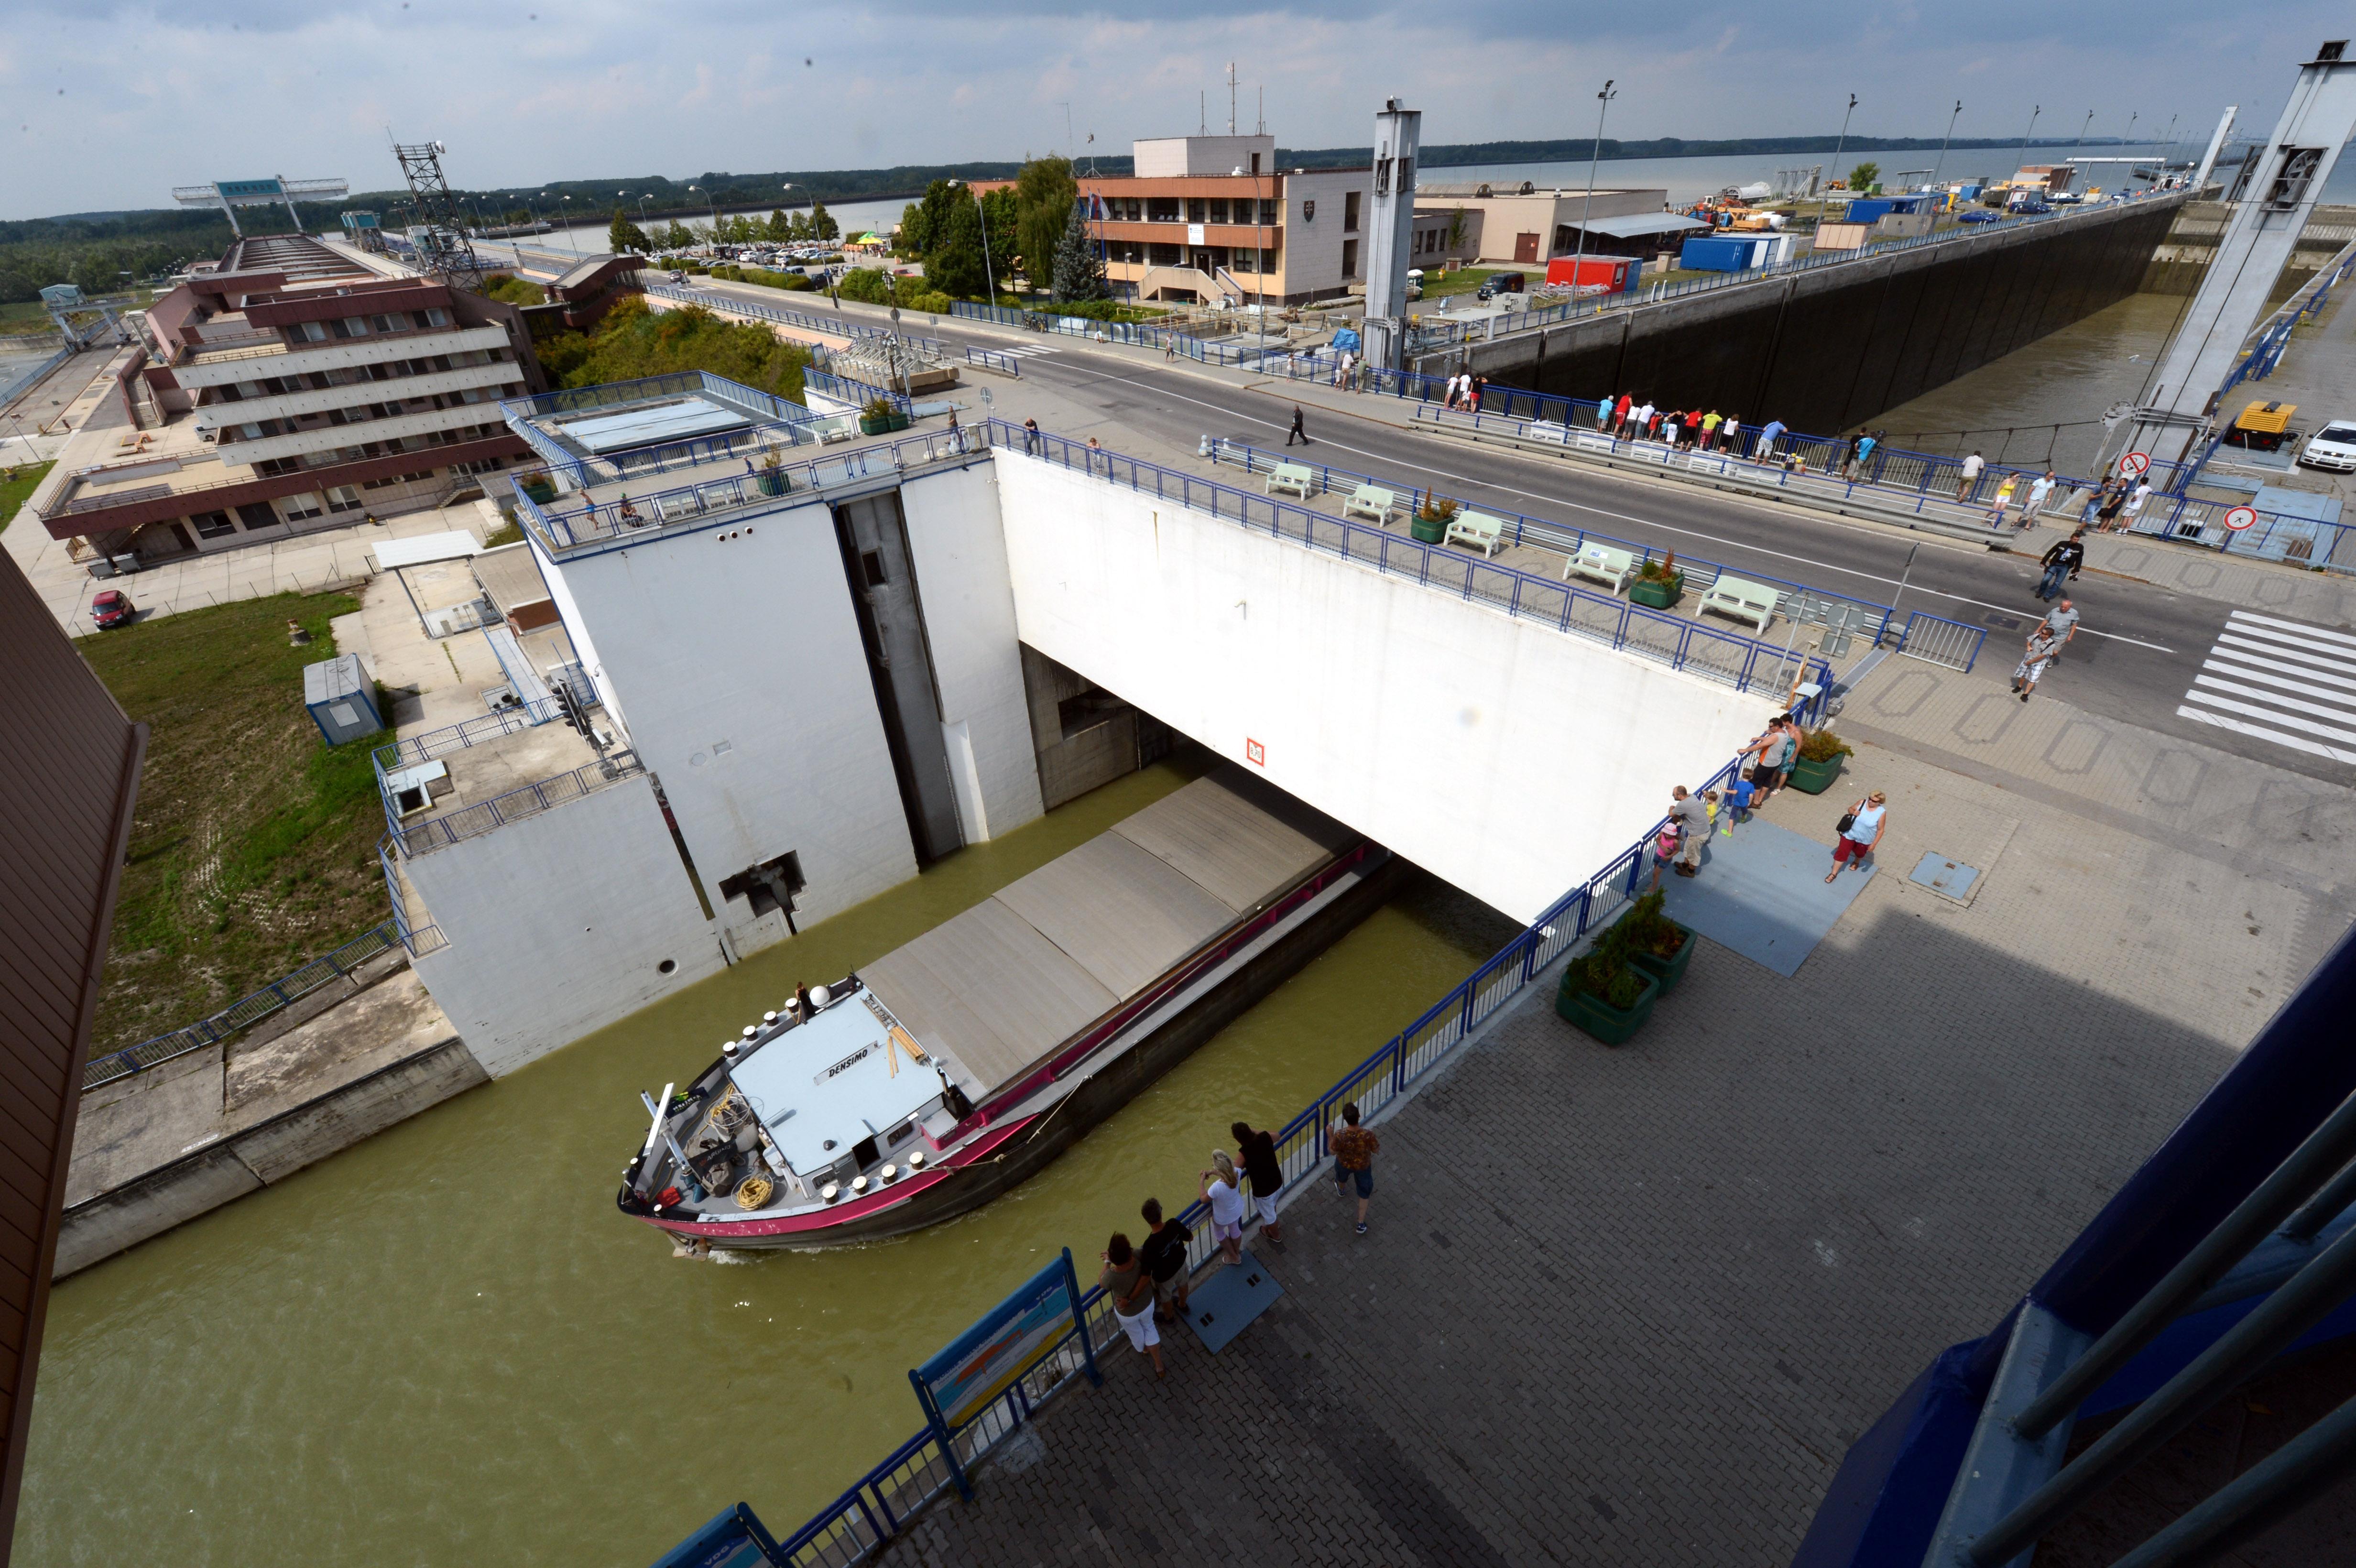 Po sobotòajšej (2.augusta 2014) obnove prevádzky plavebnej komory Vodného diela Gabèíkovo (VDG) prešlo tadia¾ poèas uplynulej noci 80 plavidiel pod¾a informácií hovorkyòe Vodohospodárskej výstavby, š. p., Diany Miga¾ovej Baschierovej. Plavbu na Dunaji obnovili po uvedení do prevádzky pravej plavebnej komory, ktorá bola zatvorená od utorka (29.júla 2014). Opravu poškodených vrát pravej plavebnej komory úspešne ukonèili v sobotu veèer. Technikom sa napriek komplikovaným podmienkam podarilo odstráni poruchu ložísk, ktorá spôsobovala vychy¾ovanie vrát. Na snímke plaviaca sa loï na dolnej rejde z pravej plavebnej komory Vodného diela Gabèíkovo (VDG) 3. augusta 2014. FOTO TASR – Štefan Puškáš